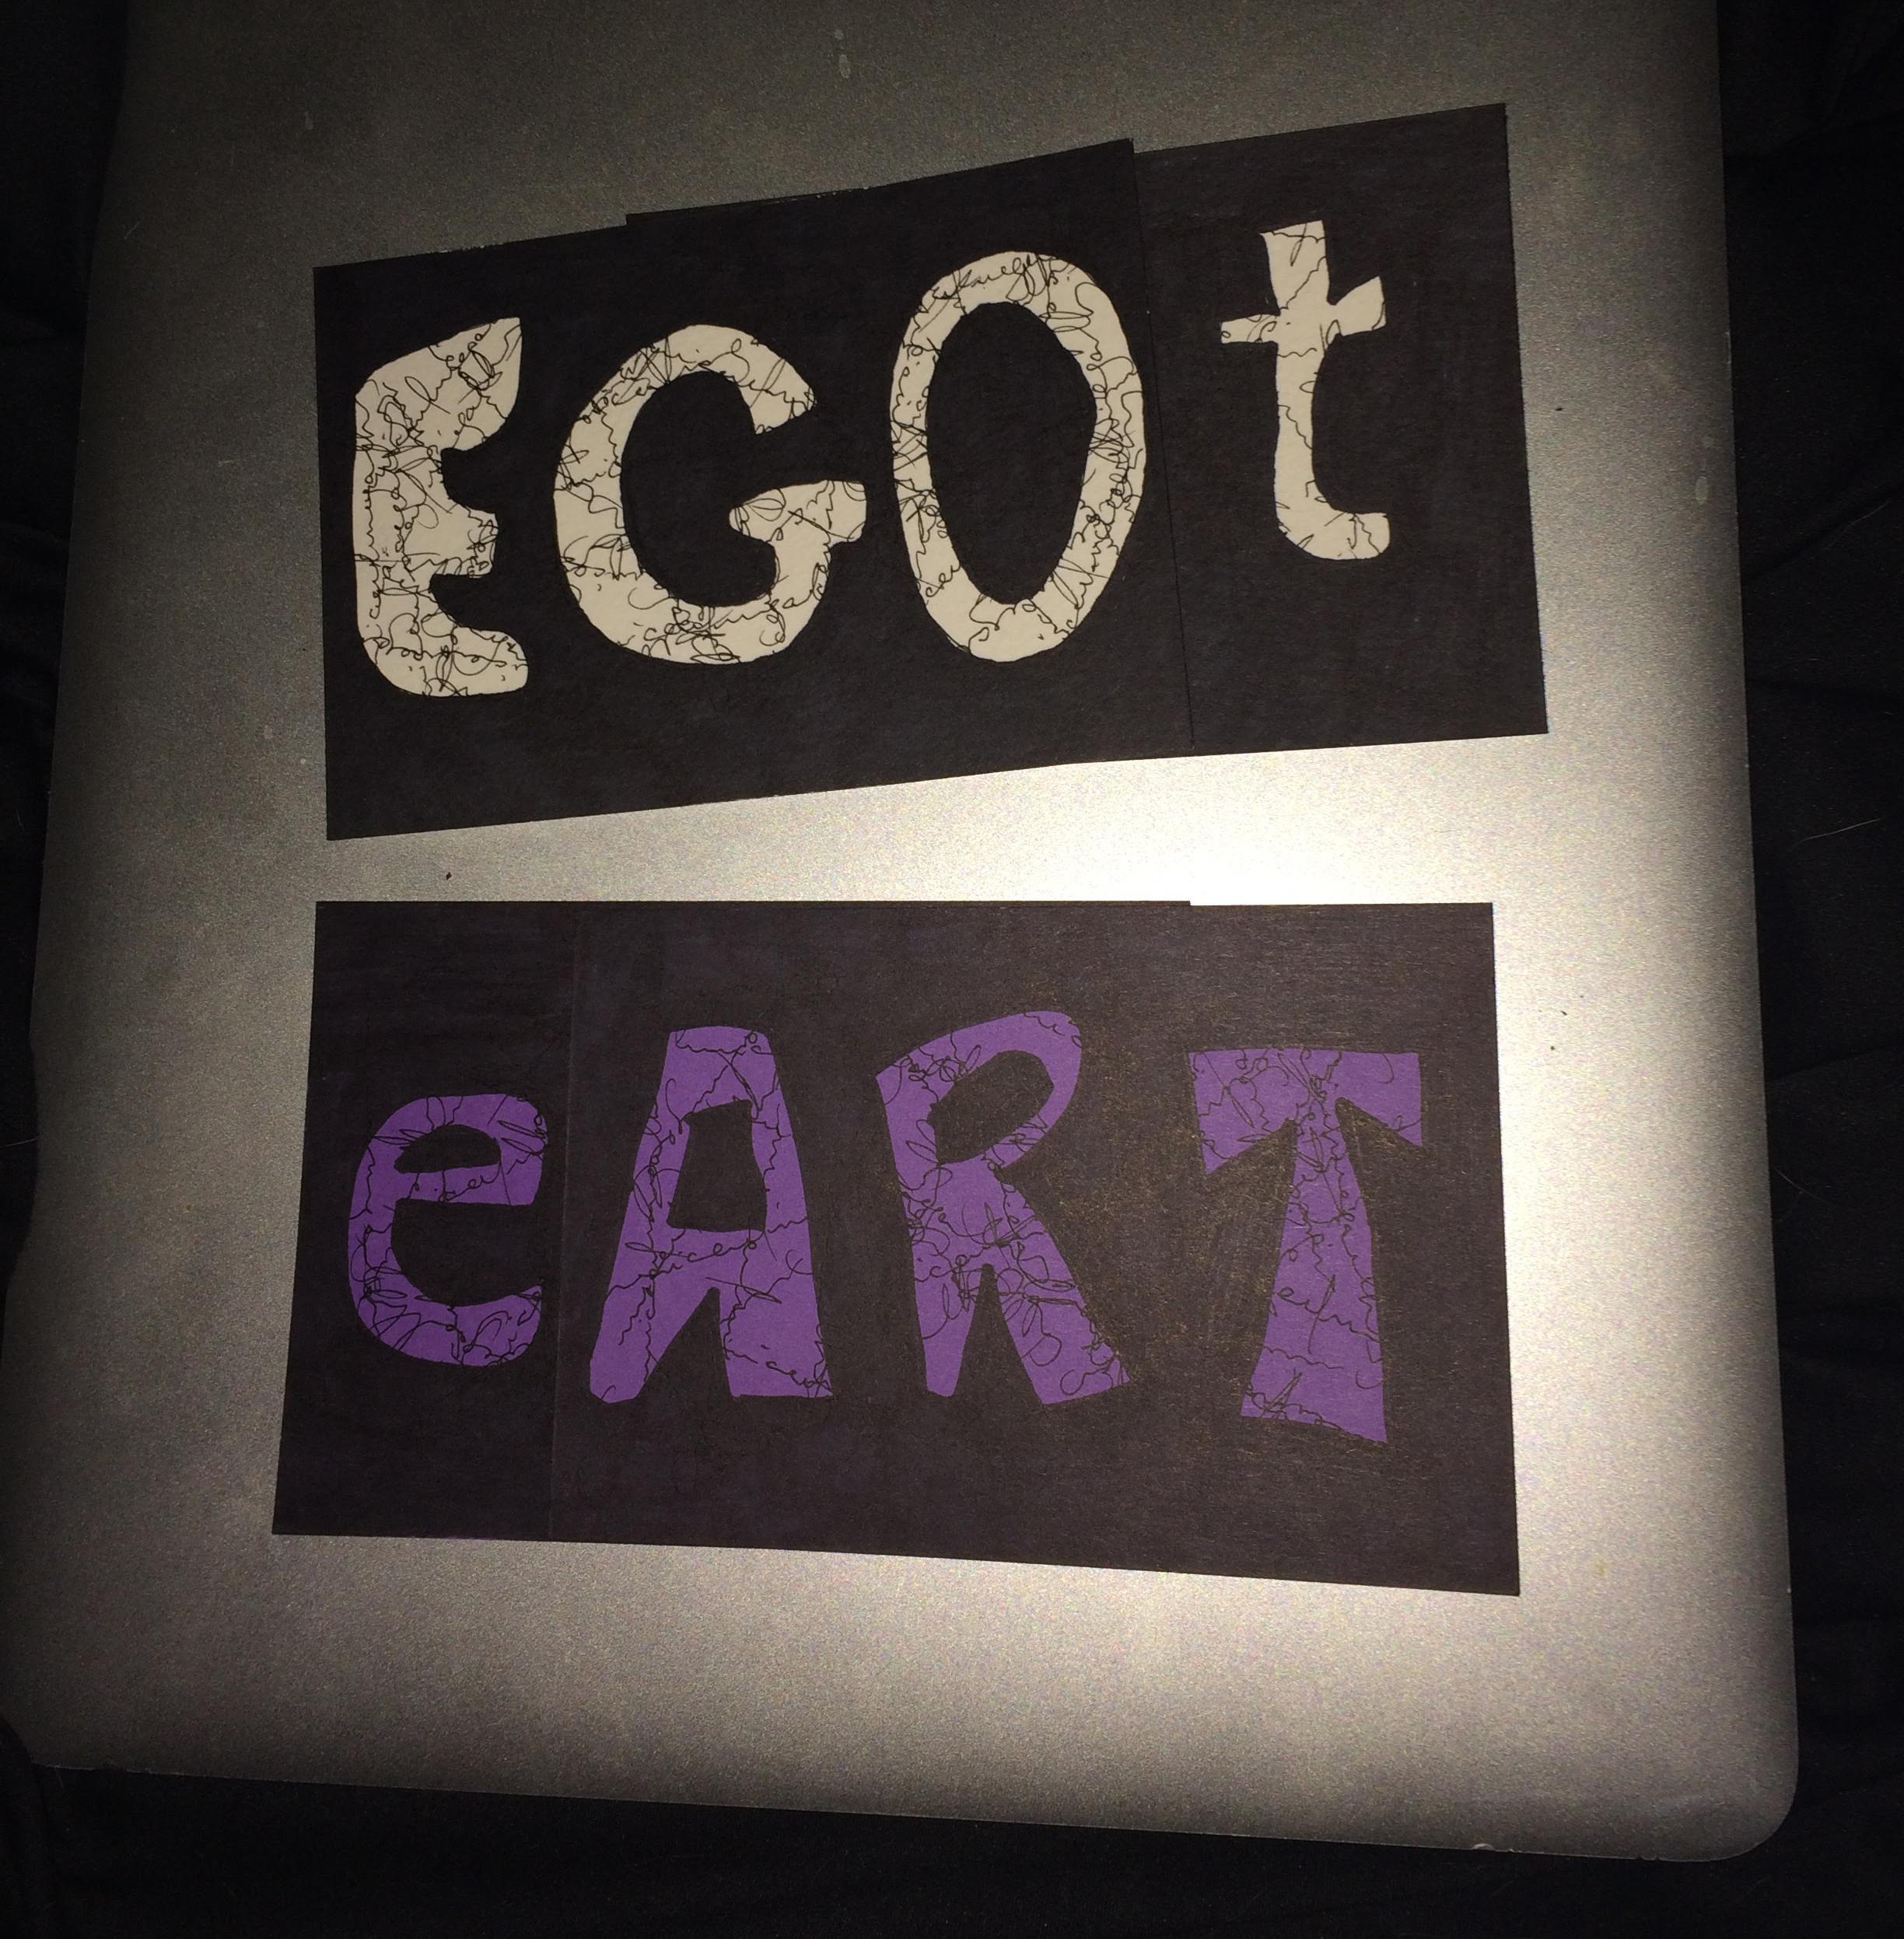 Egoart